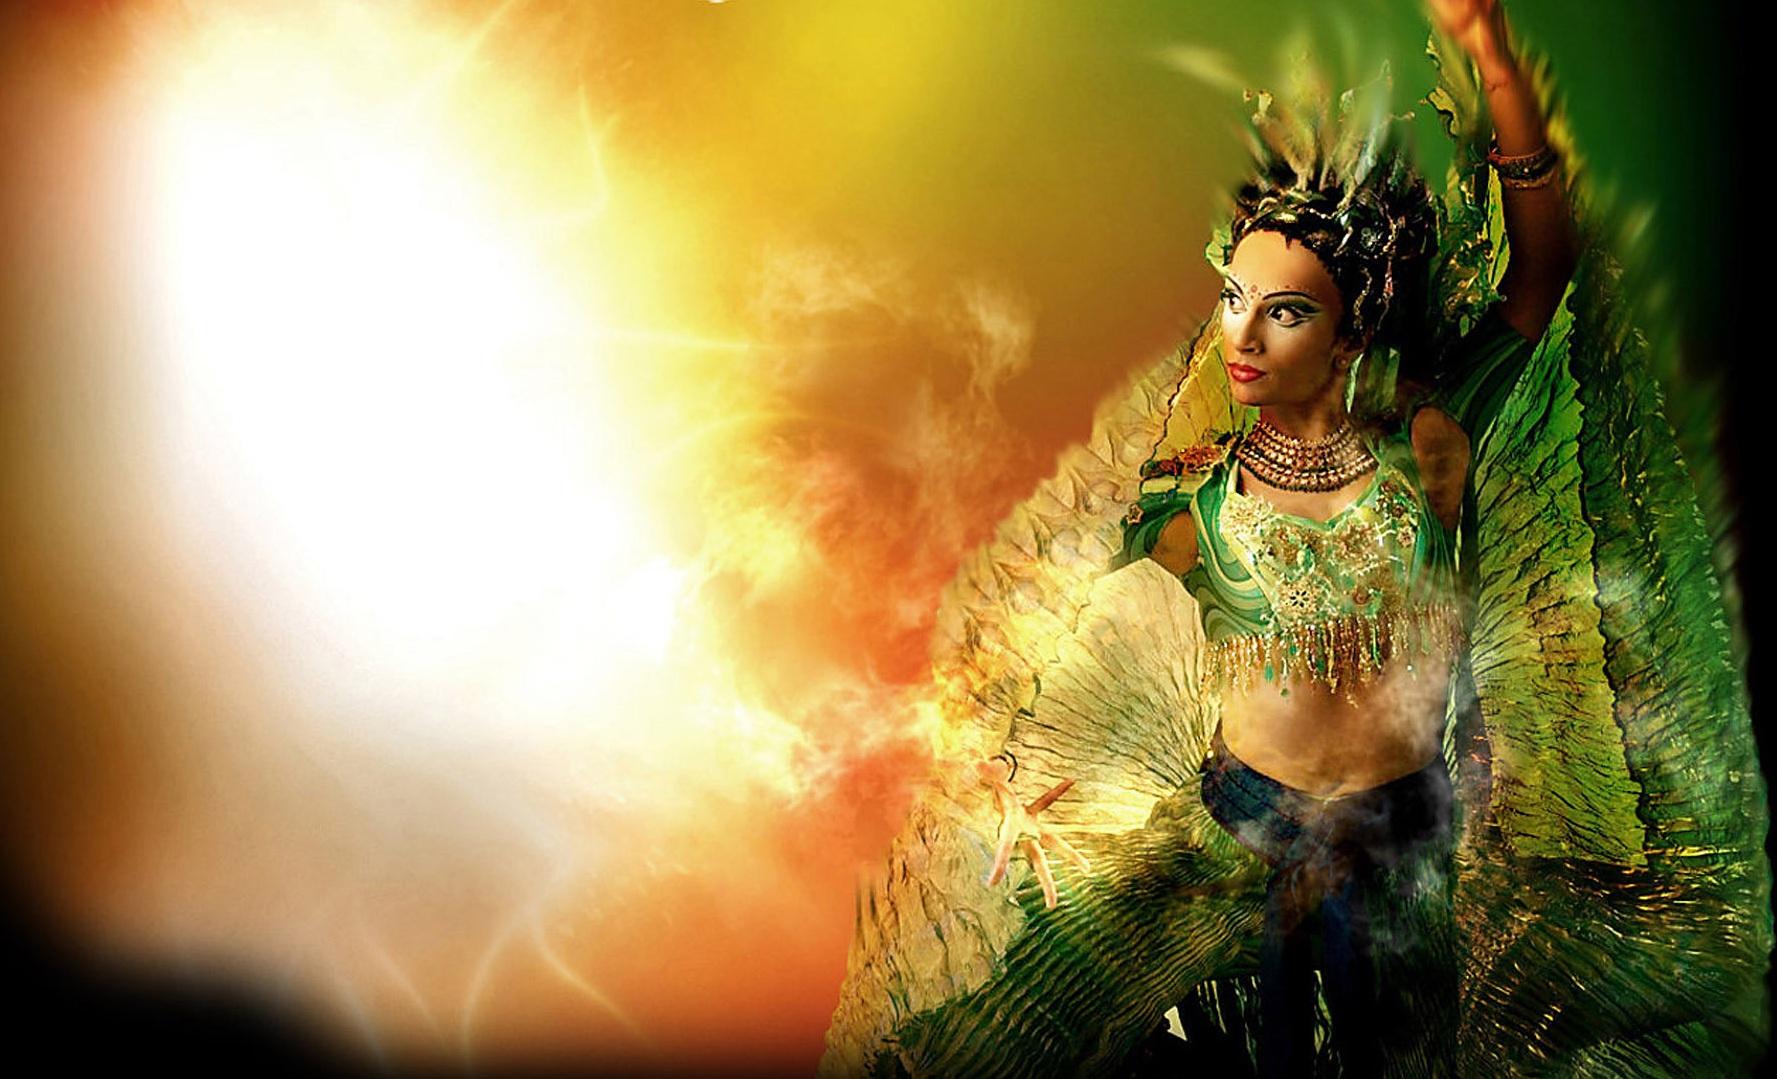 Cirque du Soleil Woman Wallpaper   ForWallpapercom 1777x1079